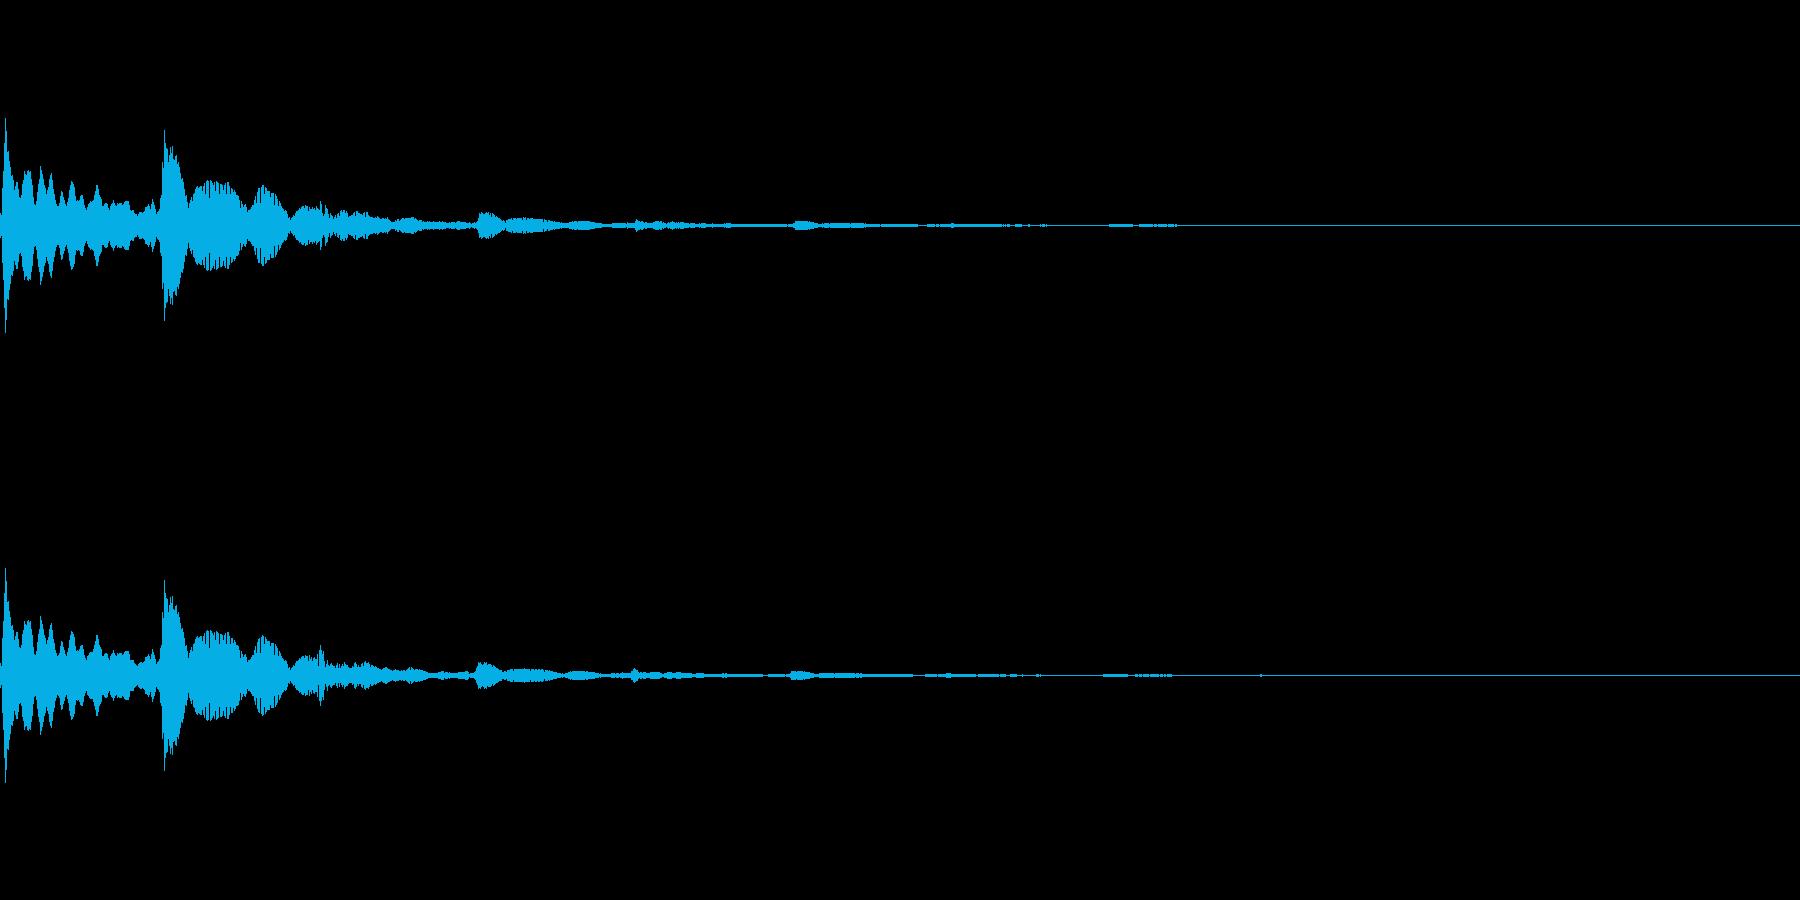 ピコン(タップ・お知らせ・通知音)の再生済みの波形